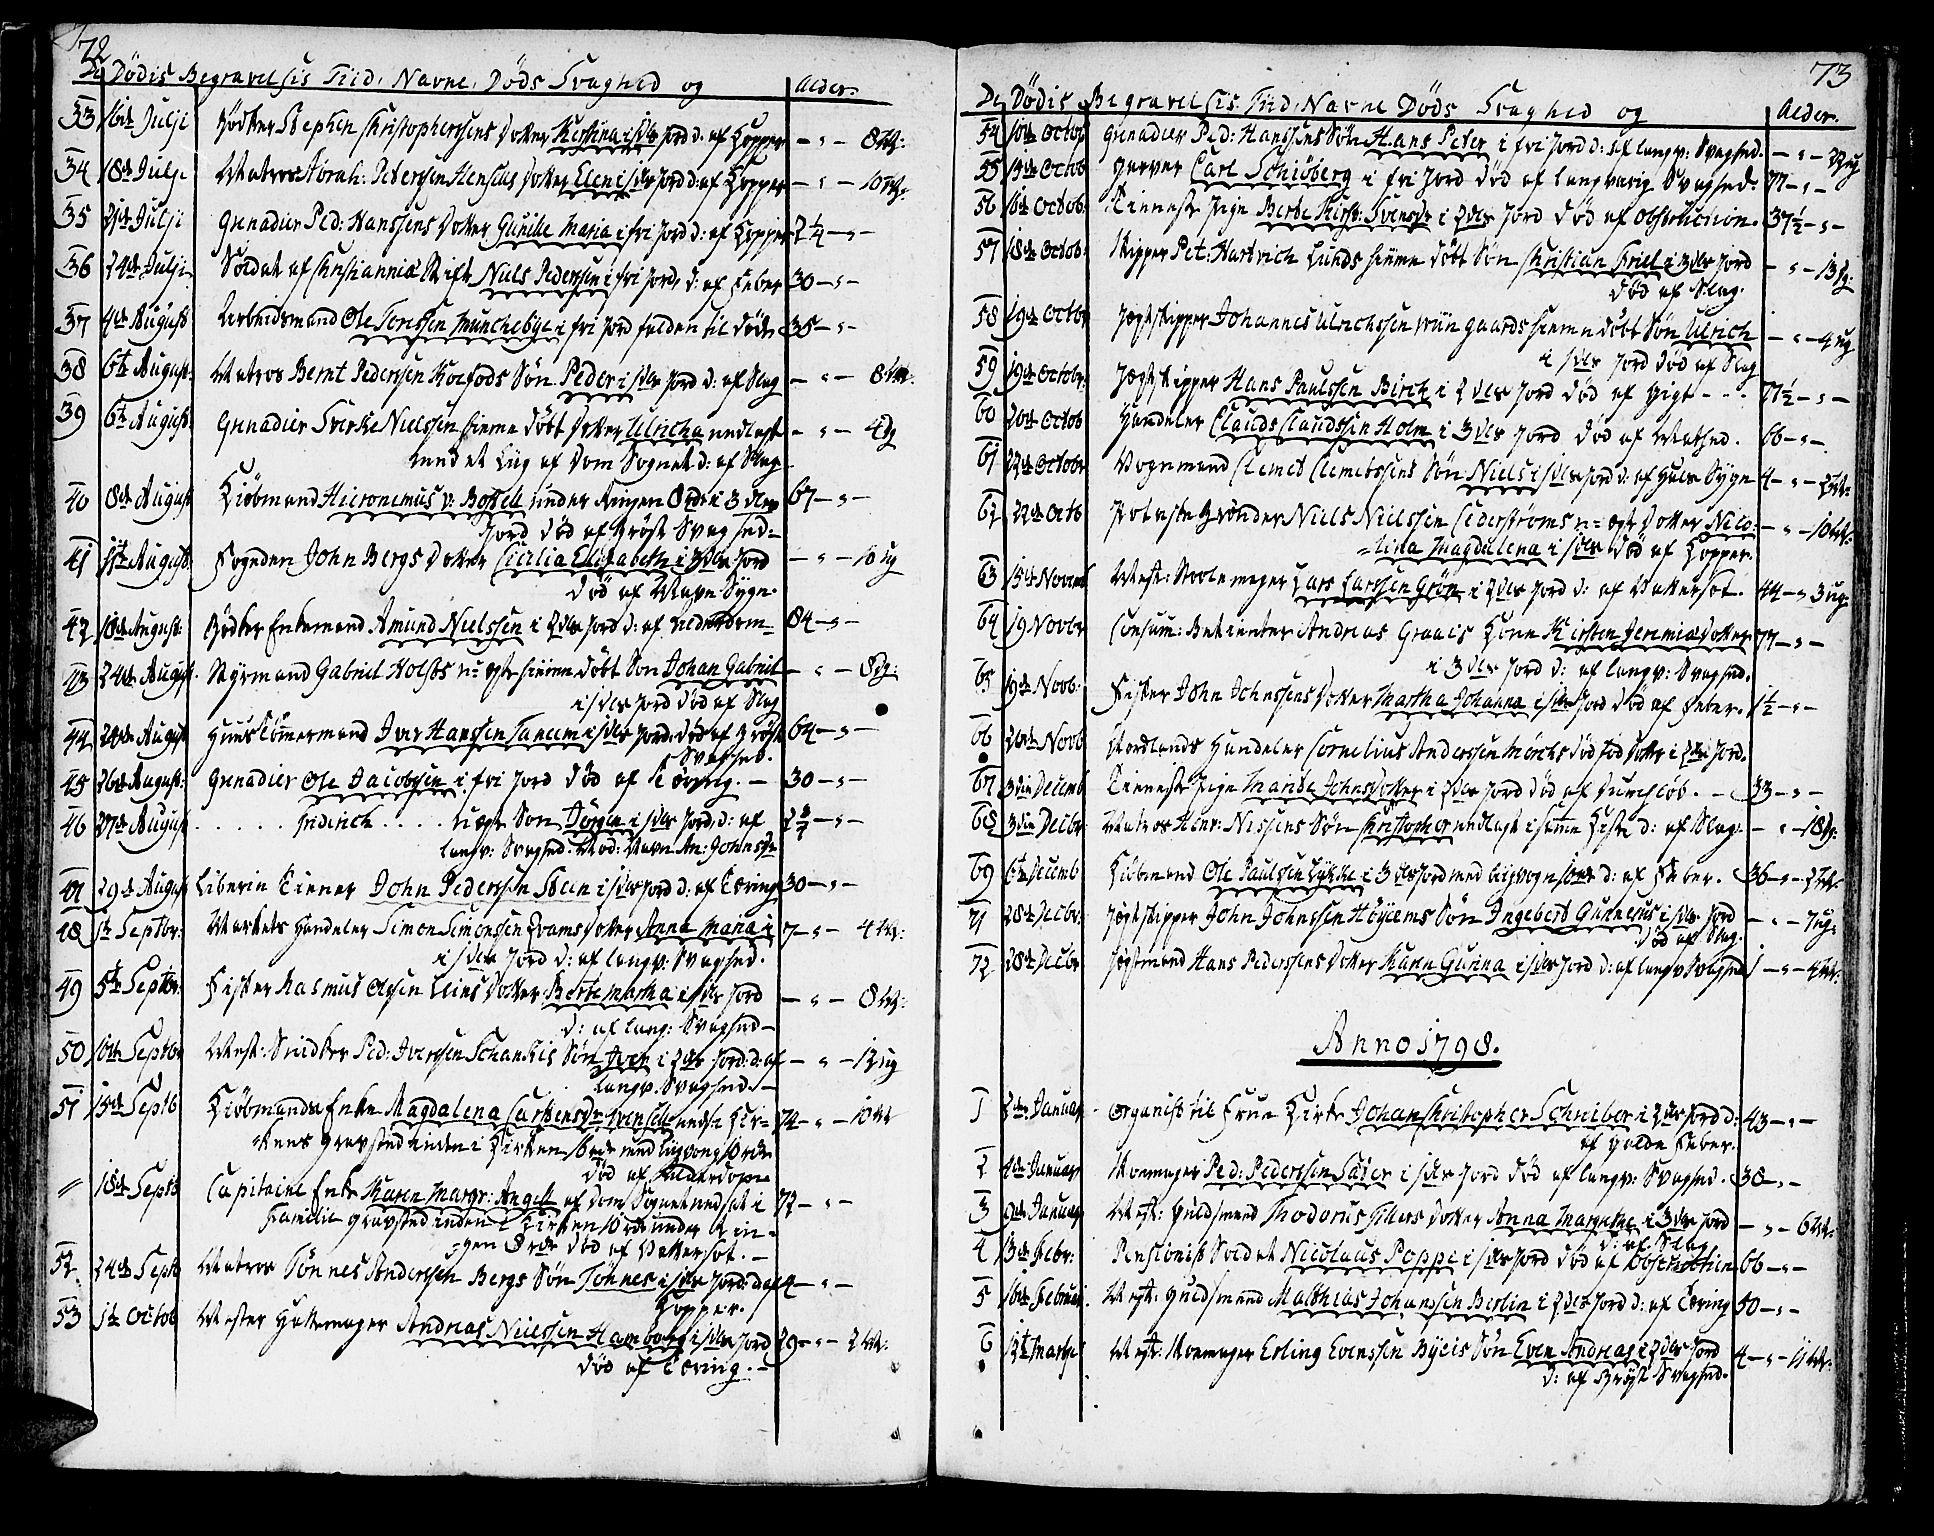 SAT, Ministerialprotokoller, klokkerbøker og fødselsregistre - Sør-Trøndelag, 602/L0106: Ministerialbok nr. 602A04, 1774-1814, s. 72-73